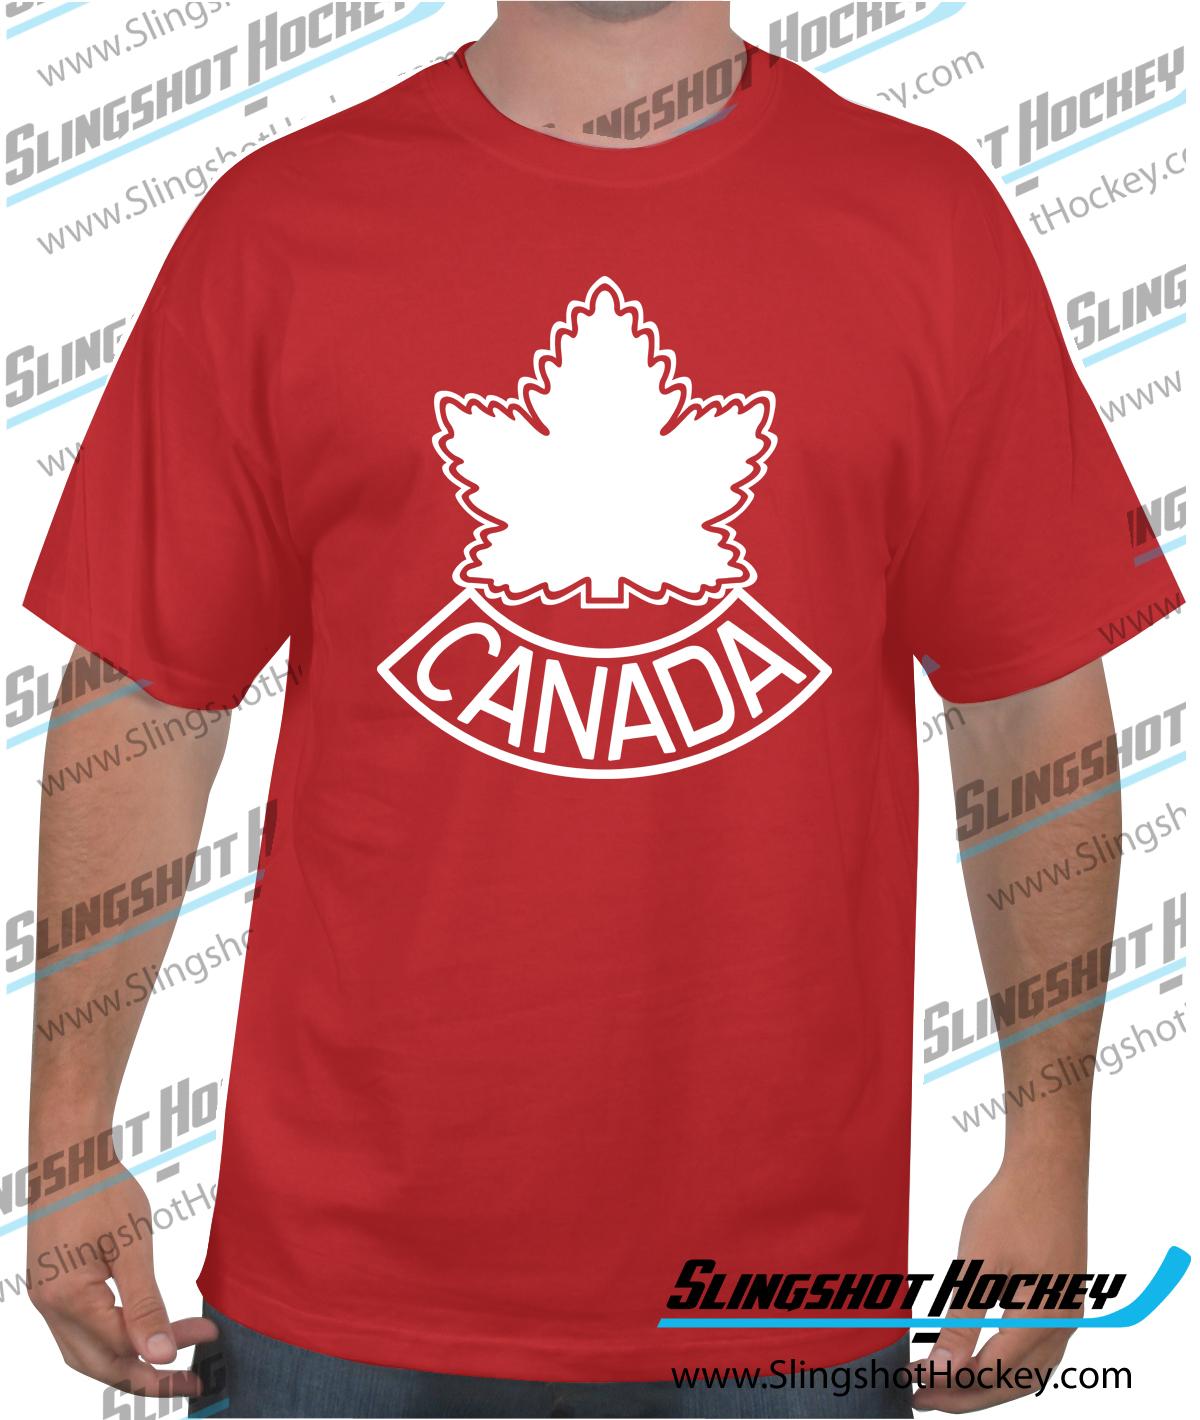 e90fe12075 Team Canada 1948. Shop now for the Team Canada 1948 retro hockey logo shirt.